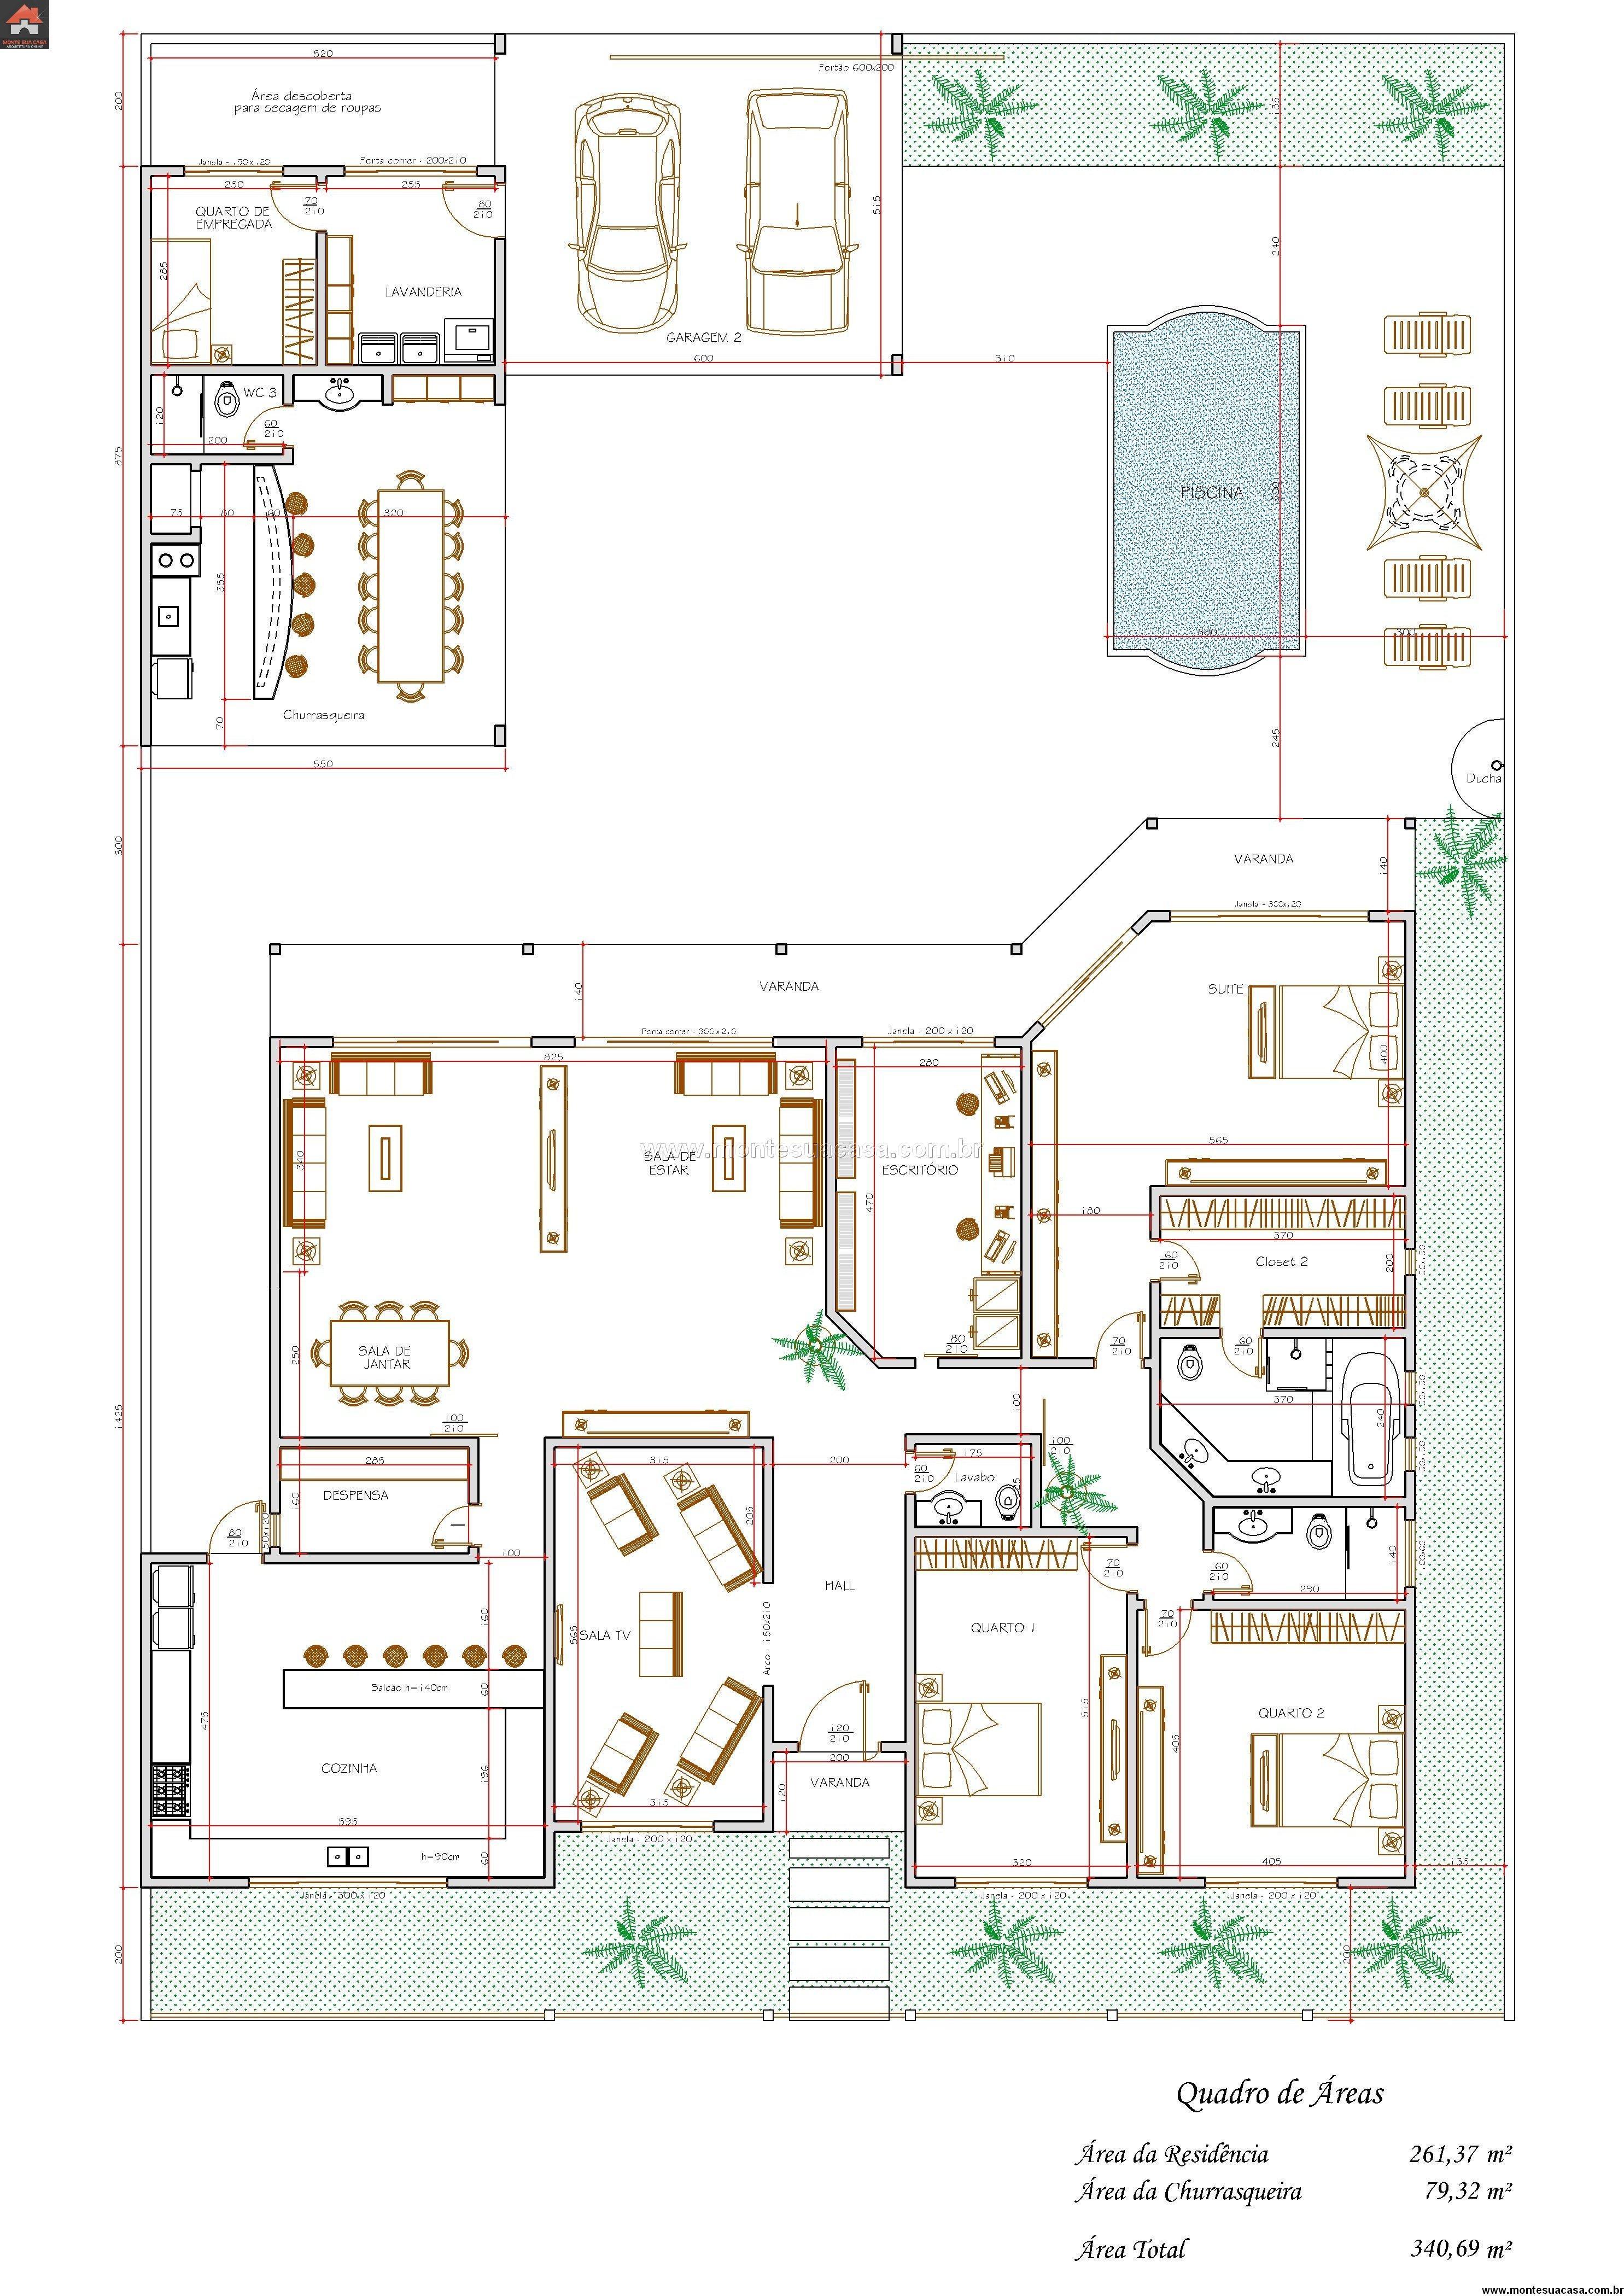 Casa 2 Quartos - 340.69m²